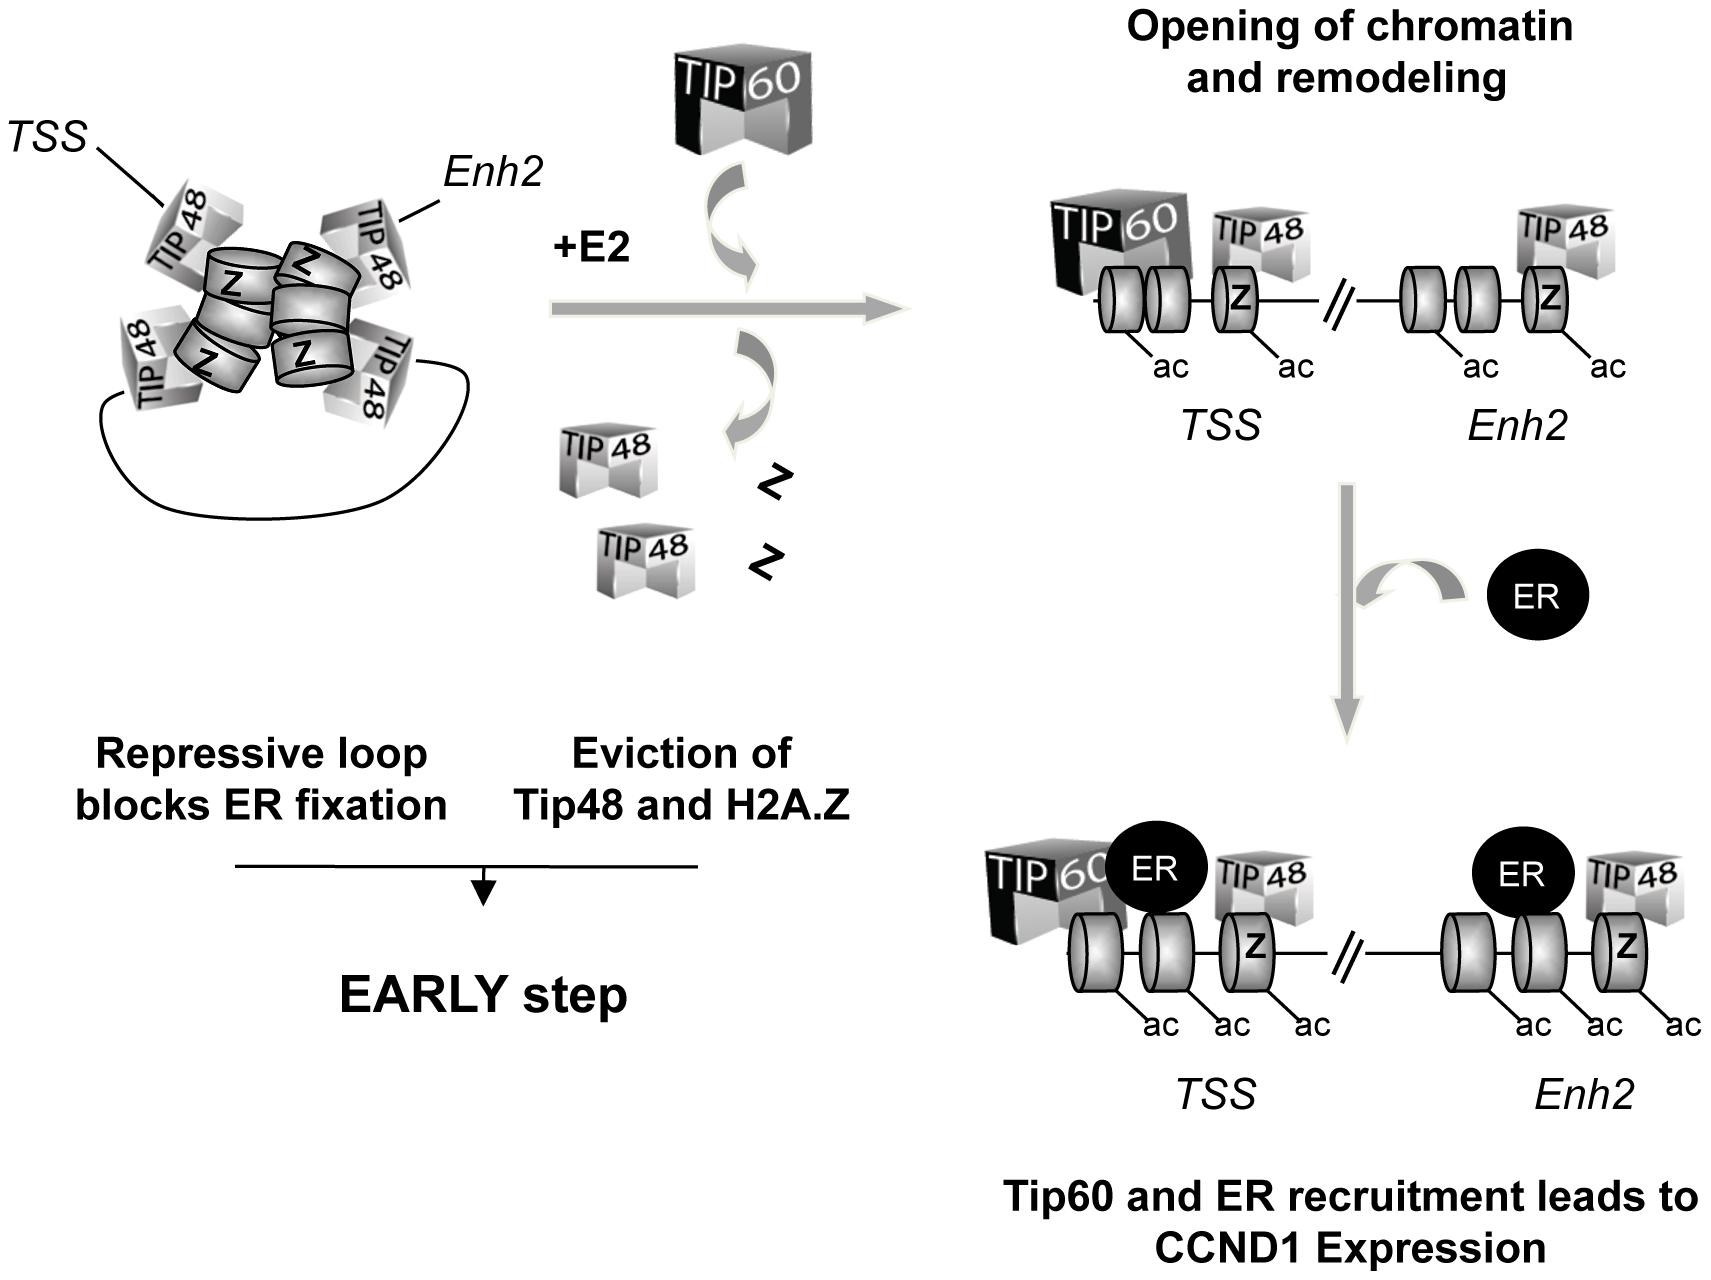 Model for the role of TIP48, H2A.Z, and TIP60 in initiation of transcription activation of <i>CCND1</i> via promoter enhancer crosstalk.